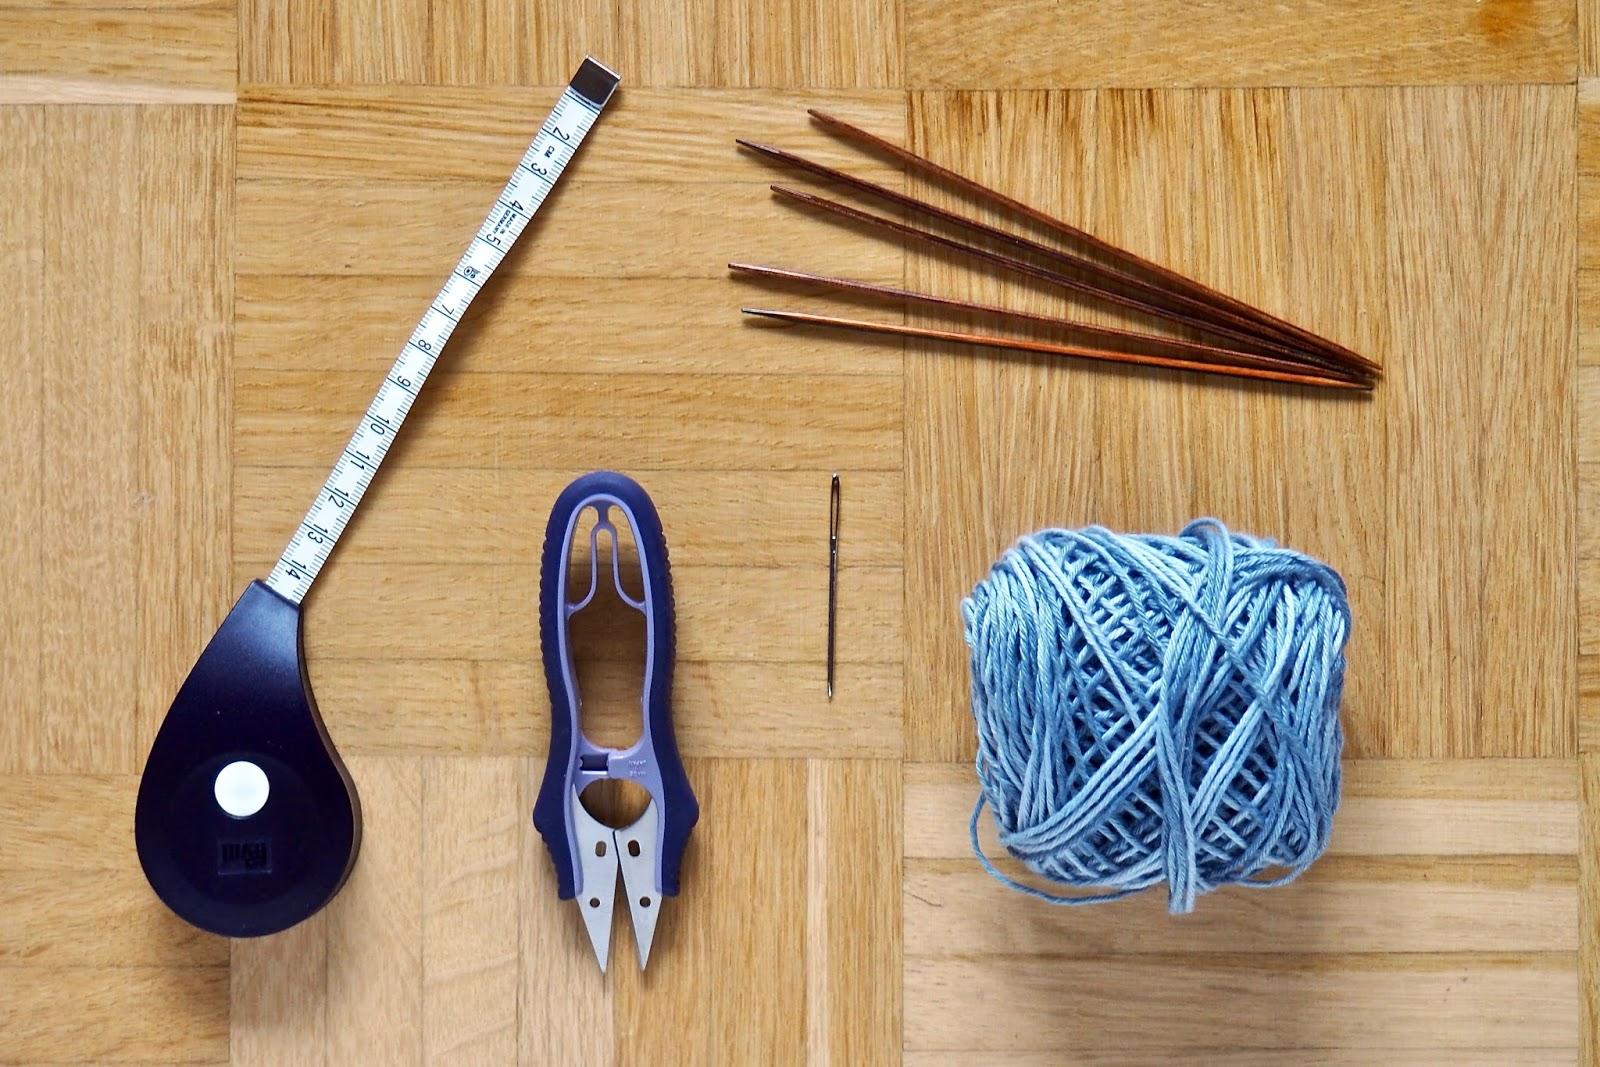 Prym Rollmaßband, Prym Fadenschneider, Knitpro Nadelspiel, ricodesign cotton baby